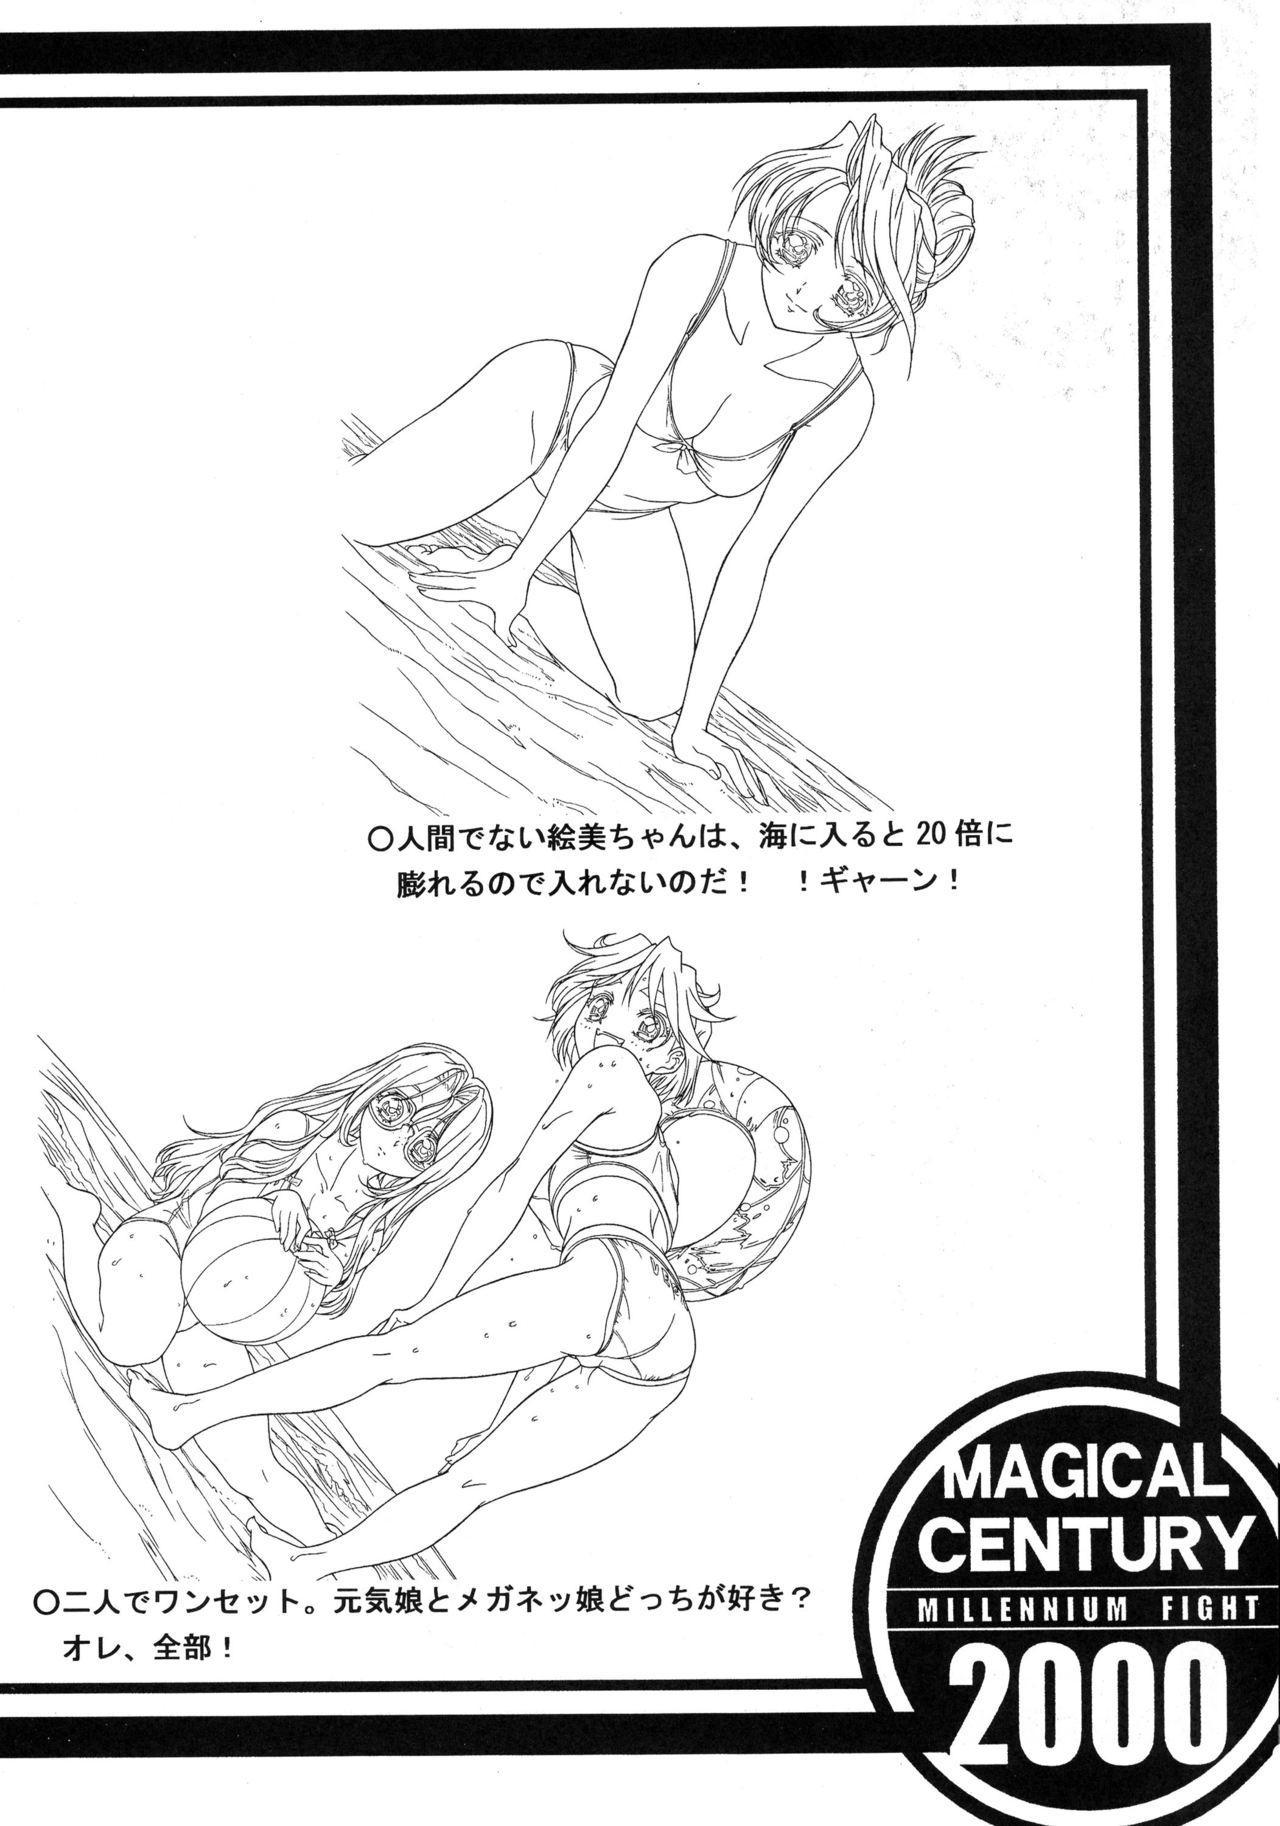 MAGICAL CENTURY 27